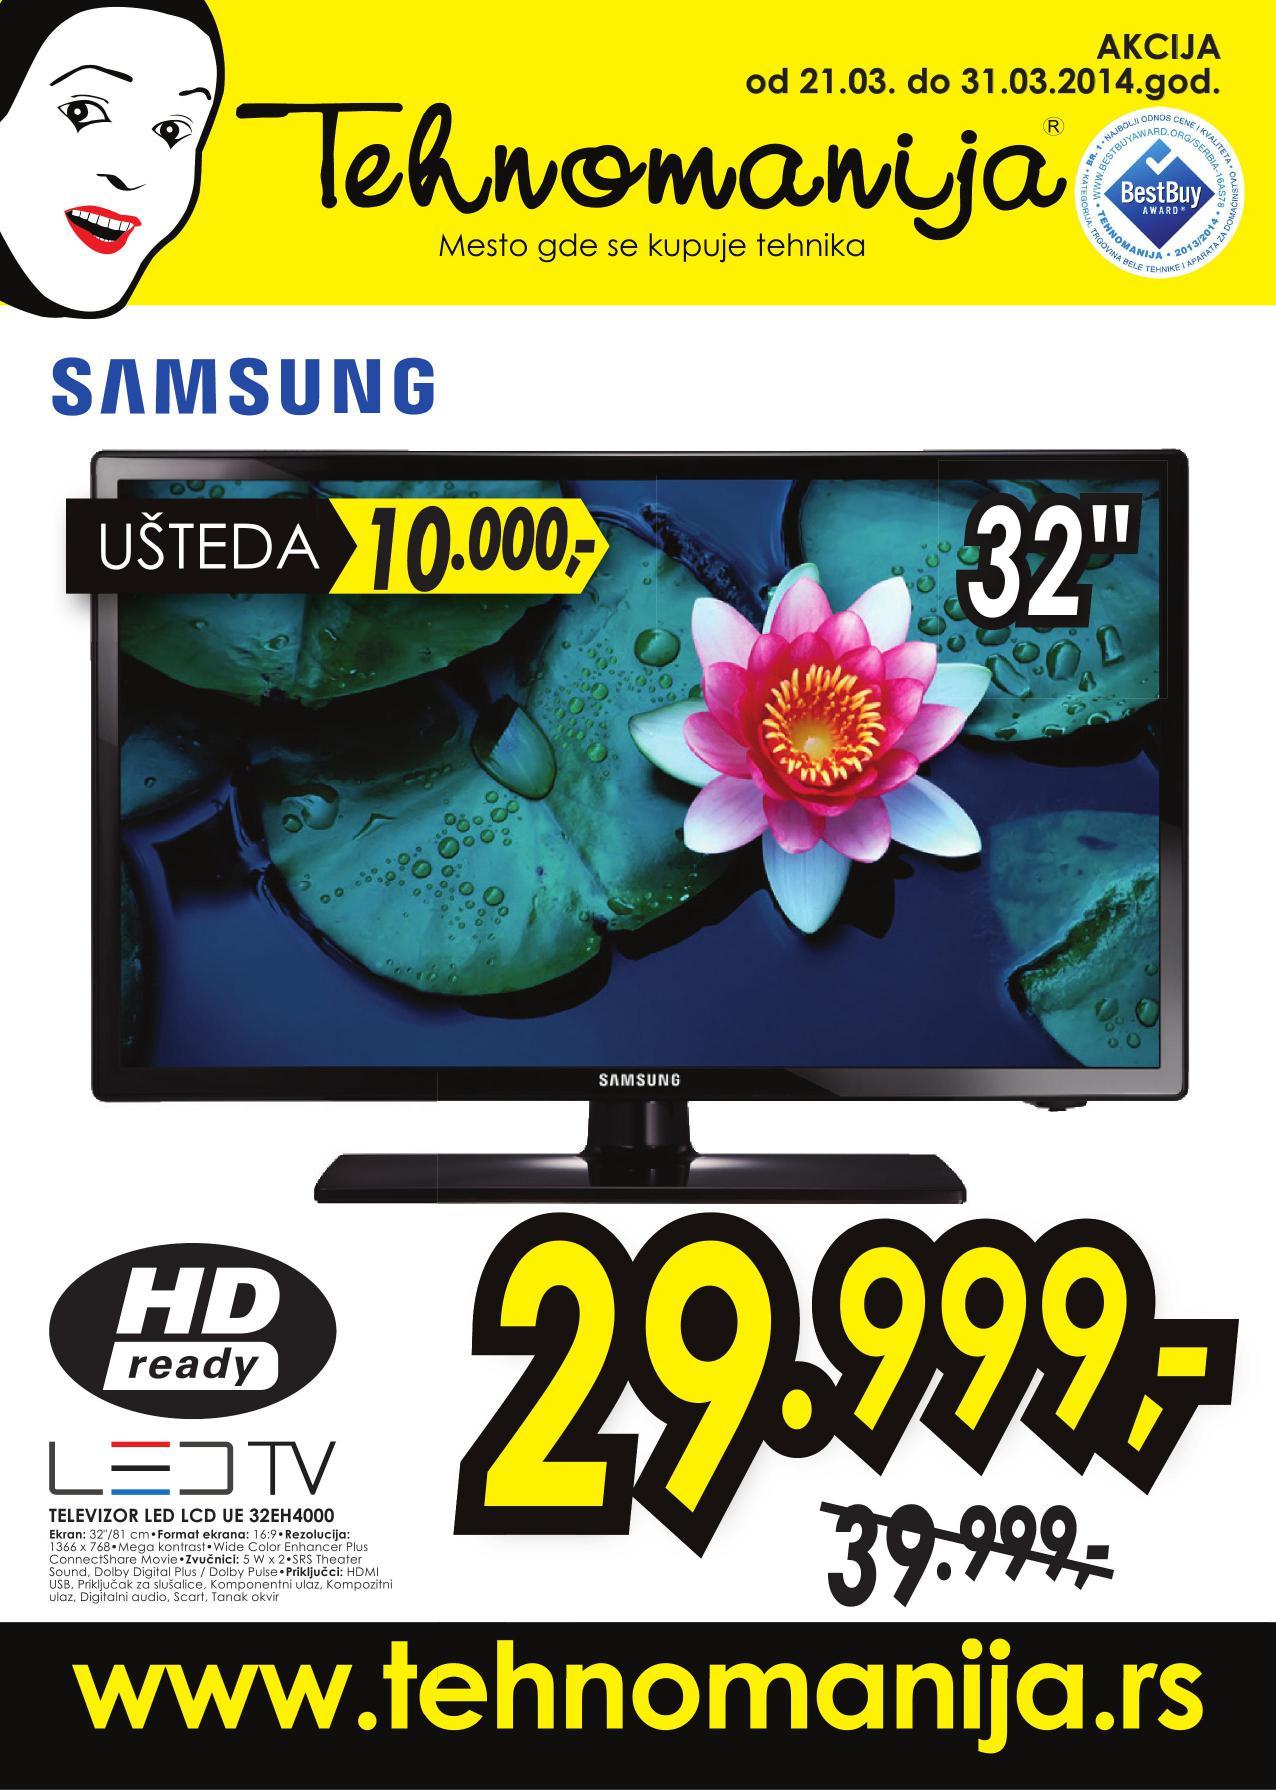 Tehnoamnija katalog super ponuda Samsung TV uređaja